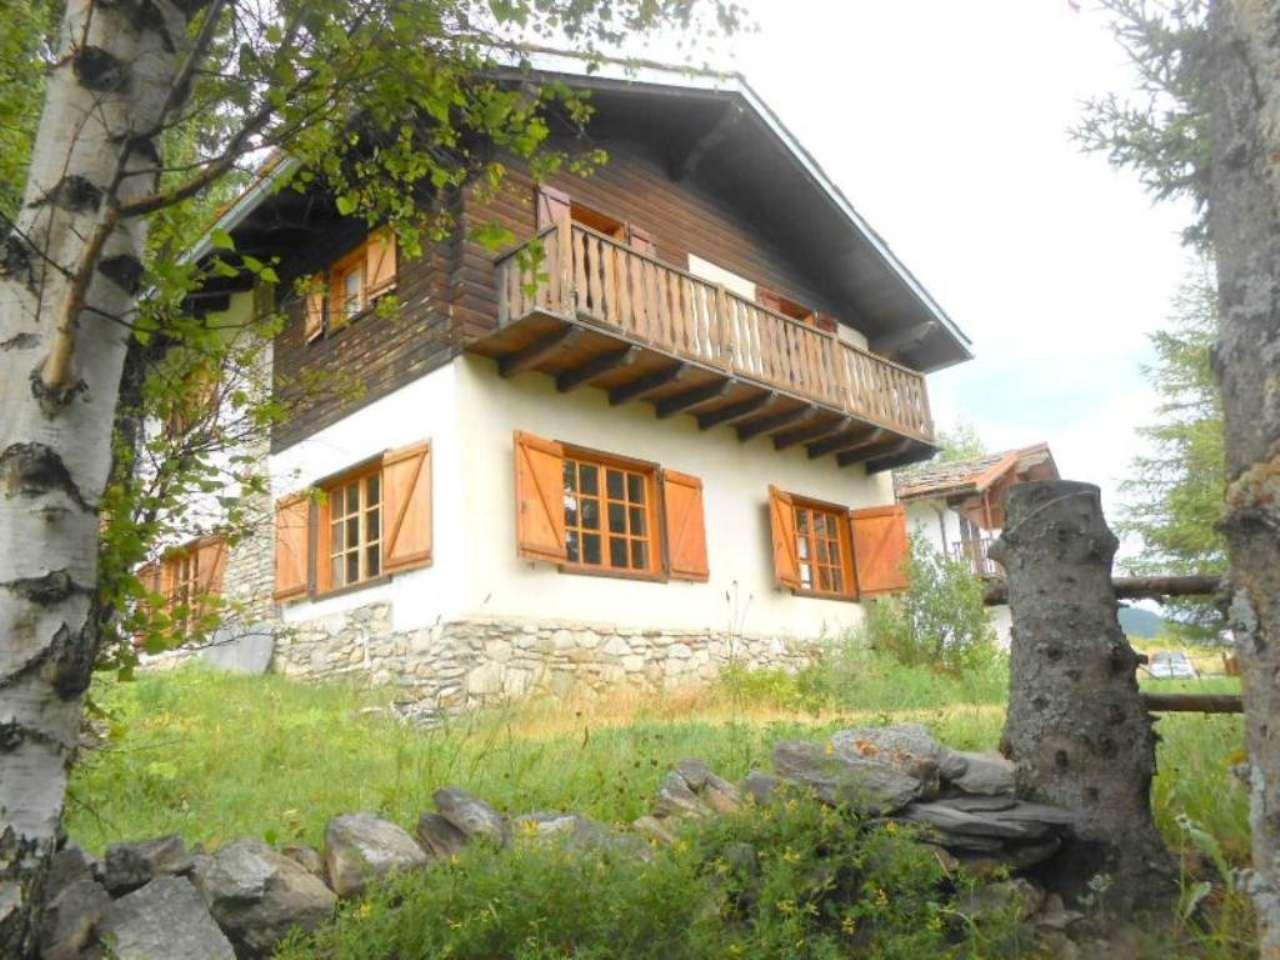 Villa in vendita a Saint-Pierre, 6 locali, prezzo € 217.000 | Cambio Casa.it